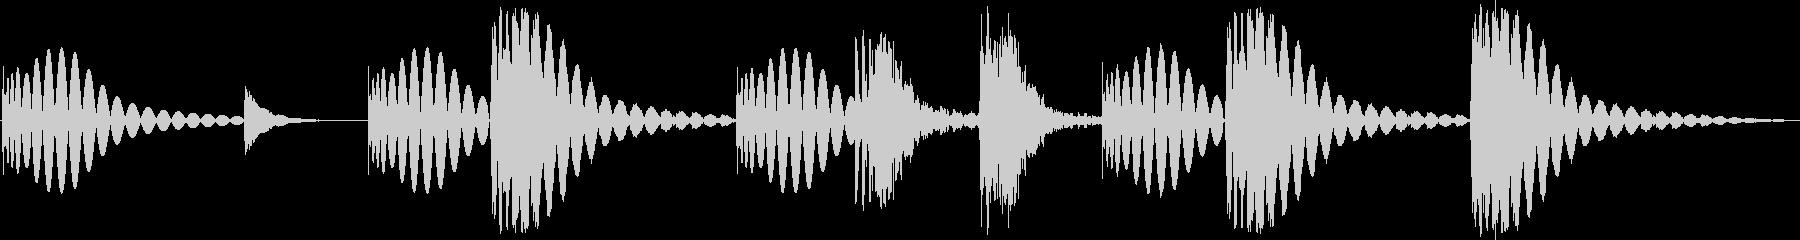 シンプルでコミカルなドラムのジングルの未再生の波形